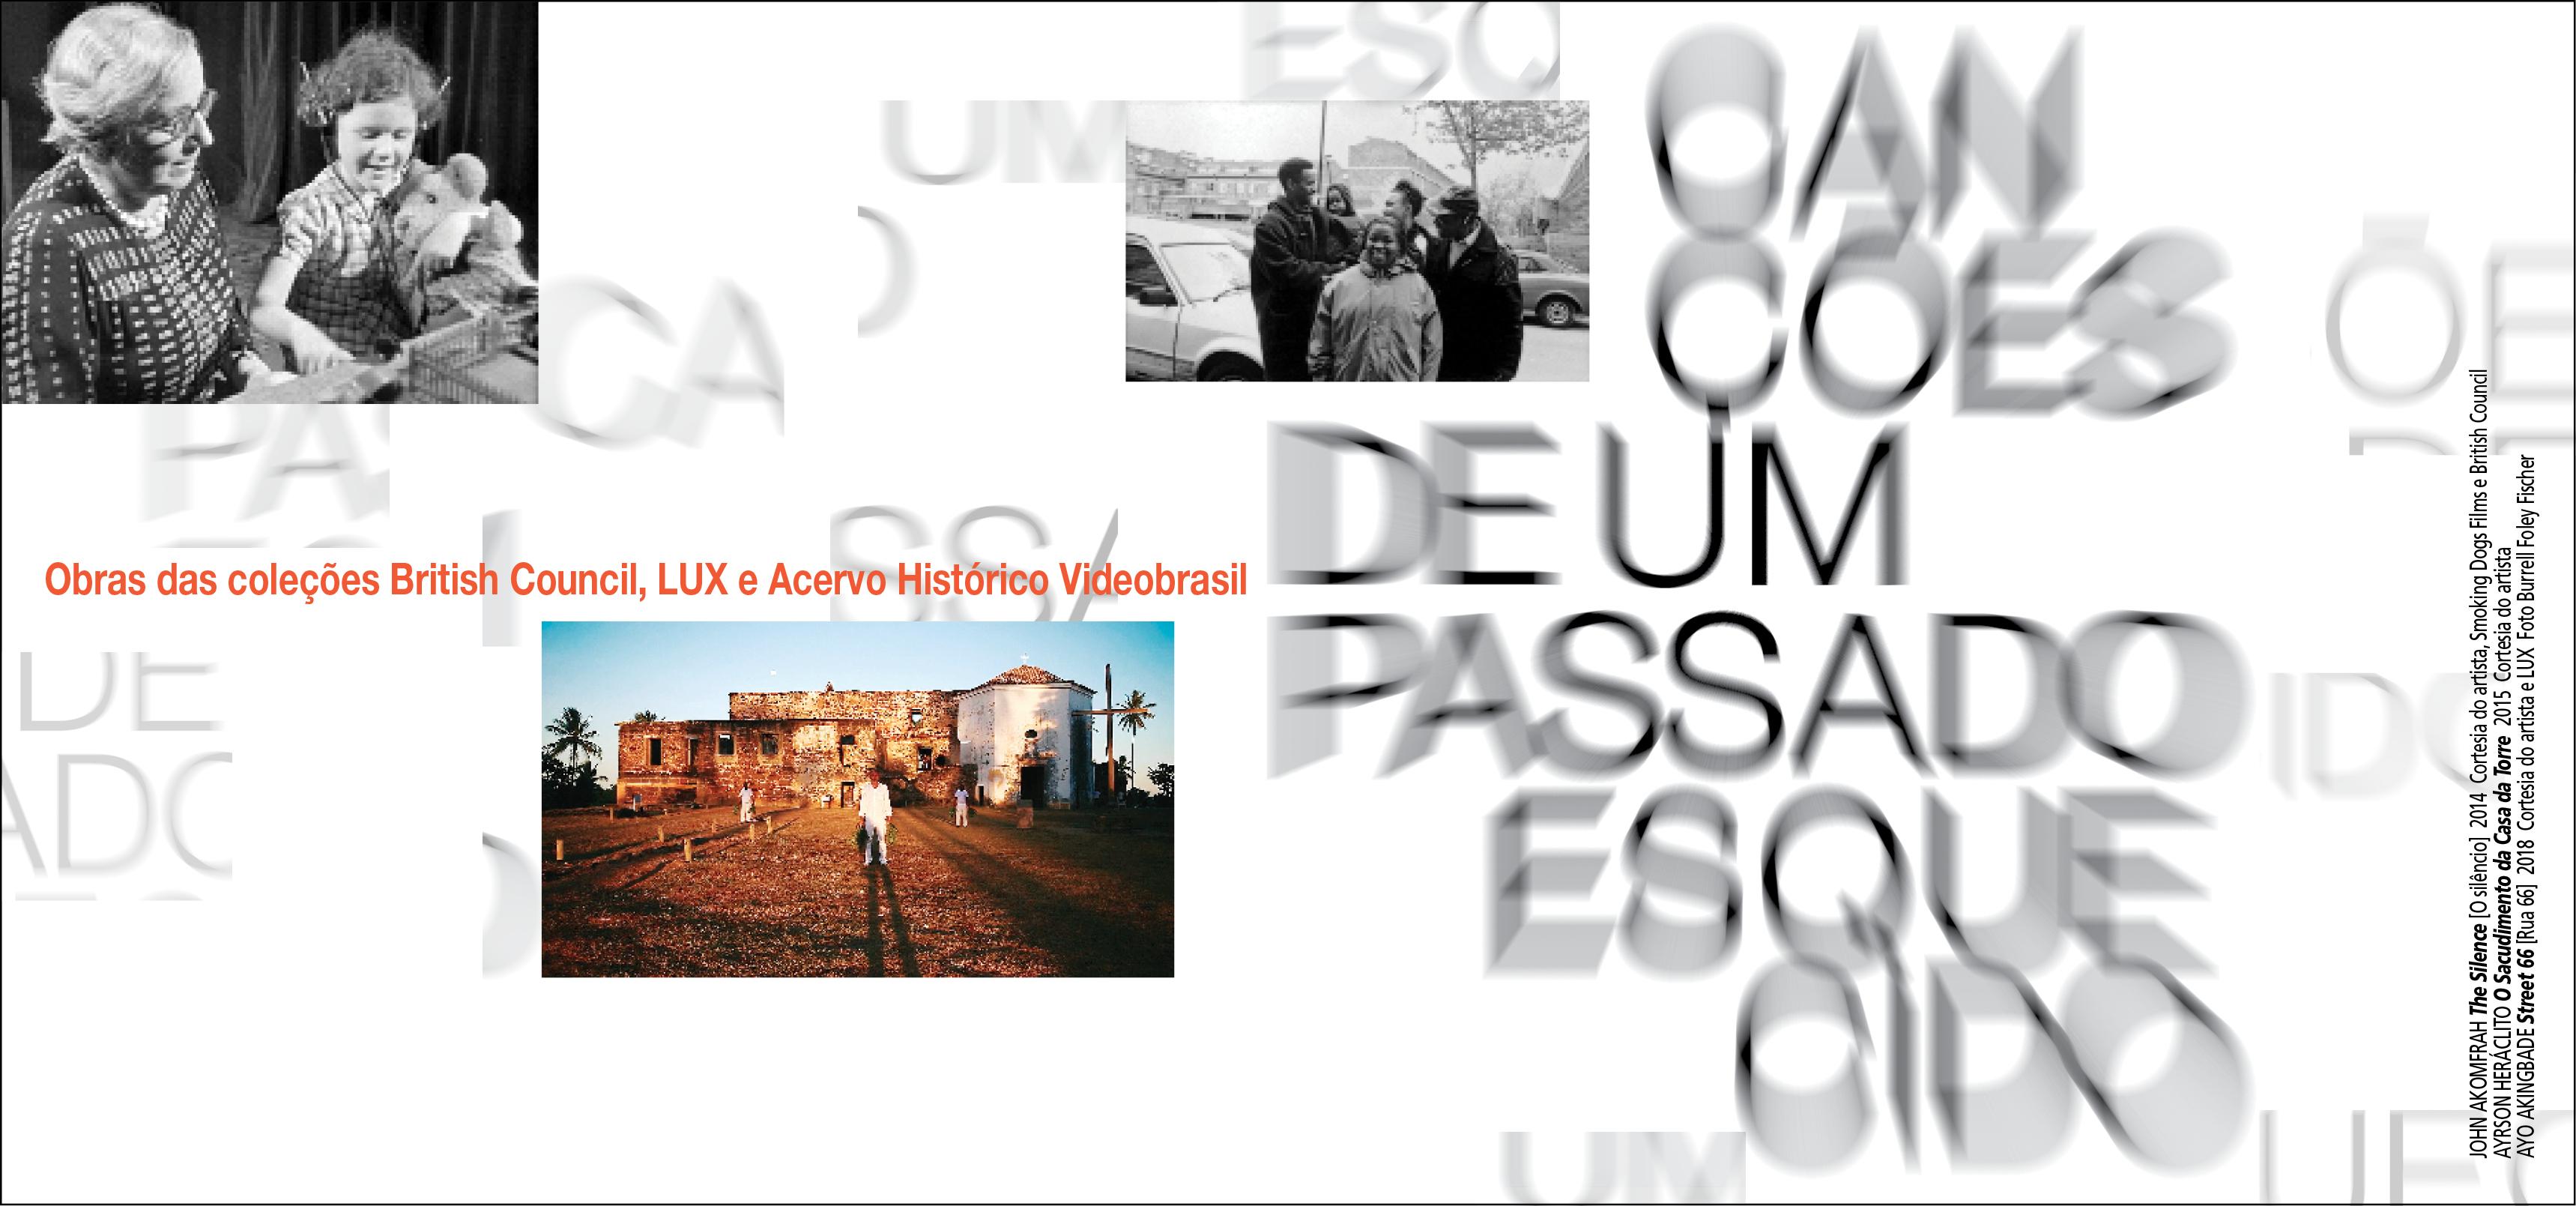 Canções de um Passado Esquecido - Obras das coleções British Council, LUX e Acervo Histórico Videobrasil